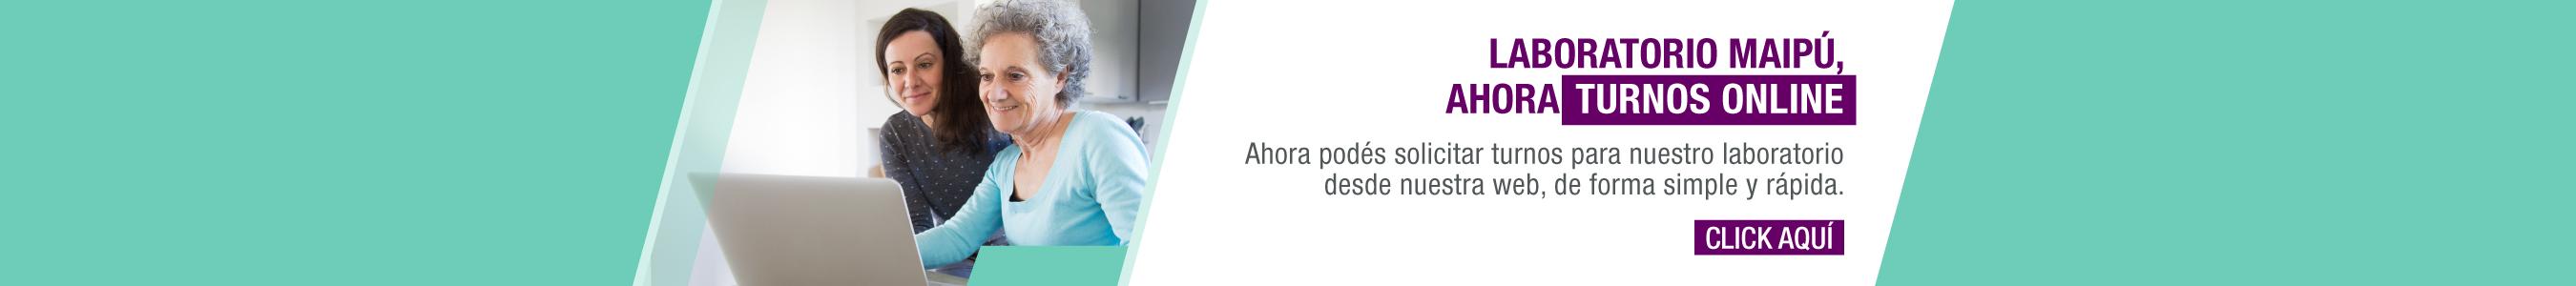 Banner-Web_Laboratorio_Turnos-Online-2